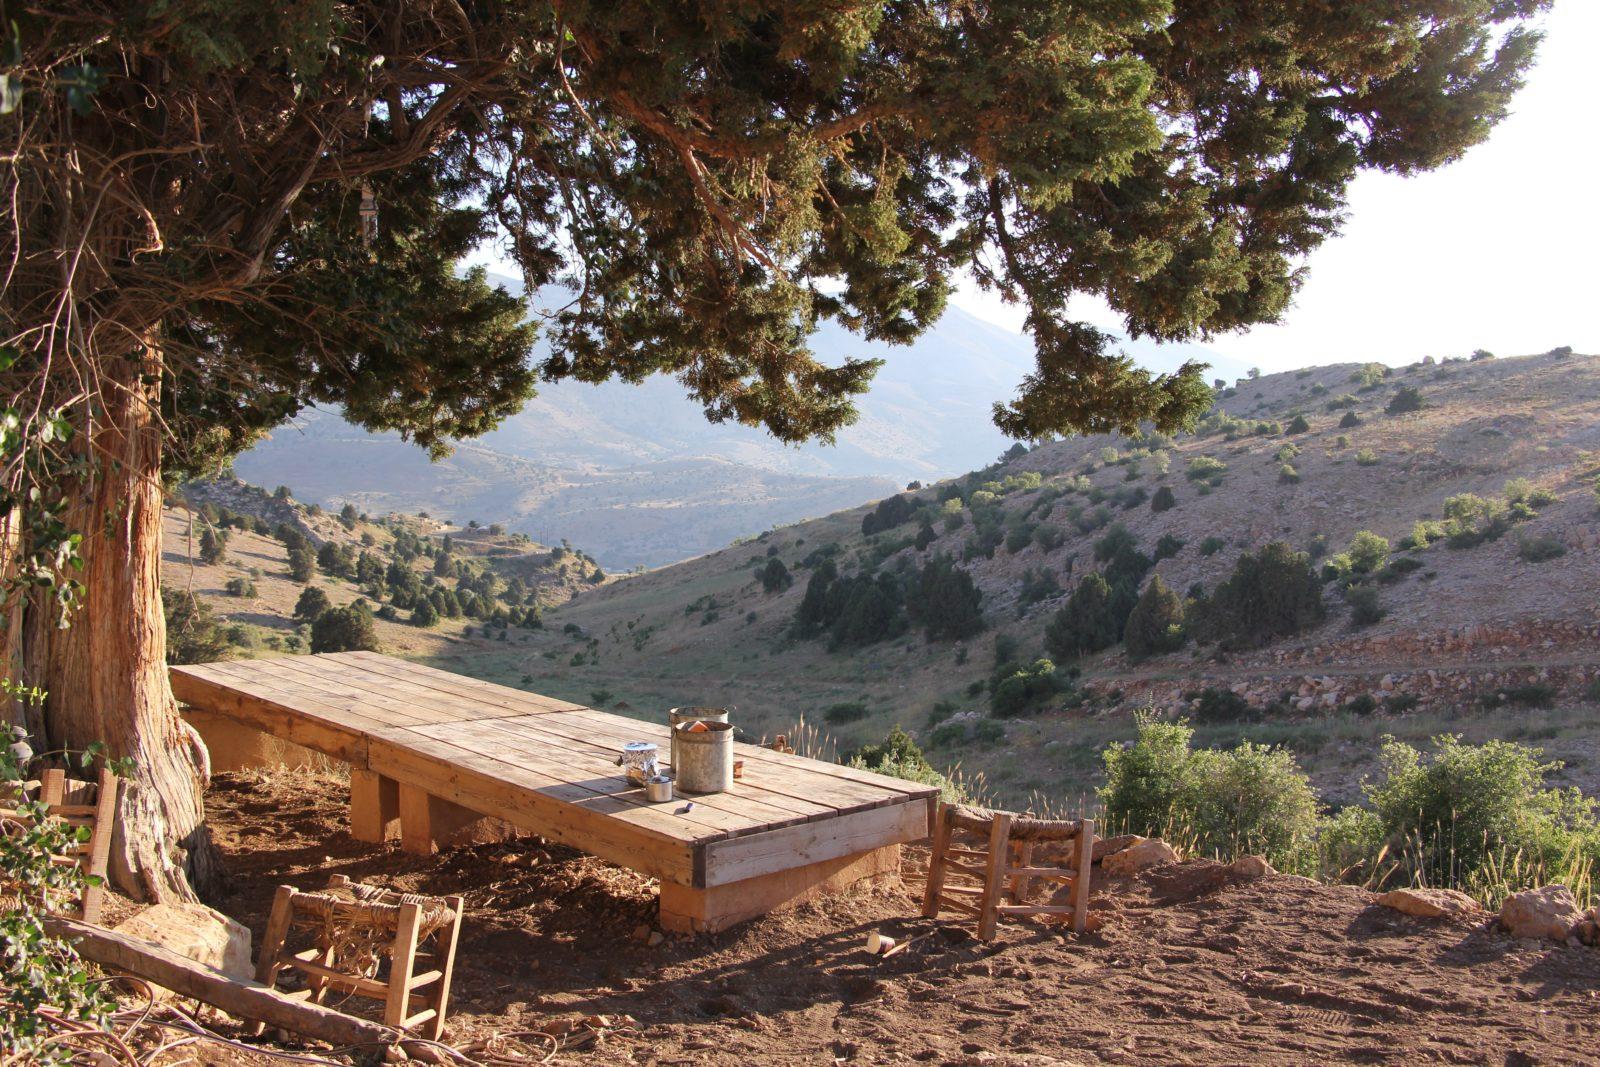 Путешествие в Ливан: понадобится ли виза?